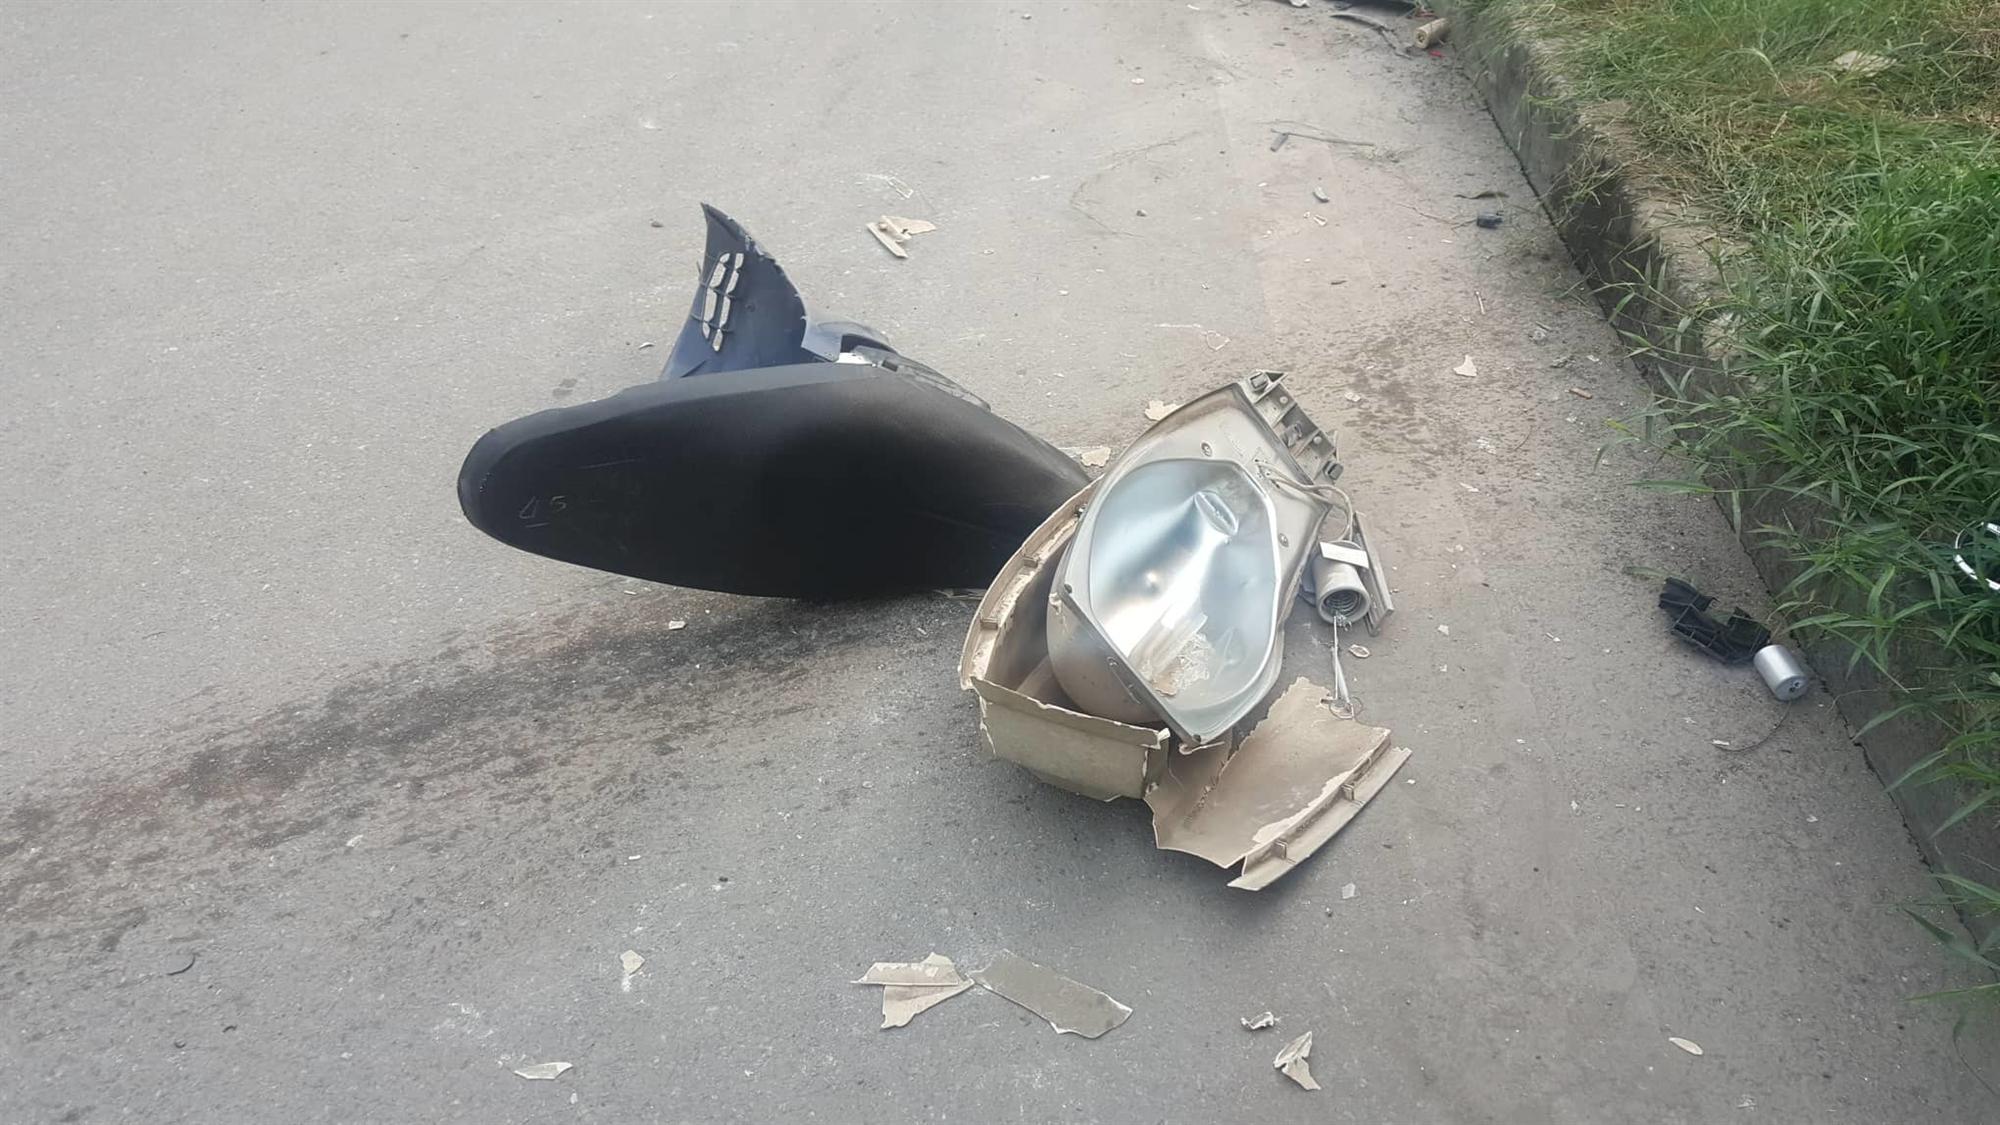 Nữ tài xế Mercedes mất lái đâm hàng loạt xe máy khiến 3 nạn nhân bị thương, nhiều người hoảng loạn-3